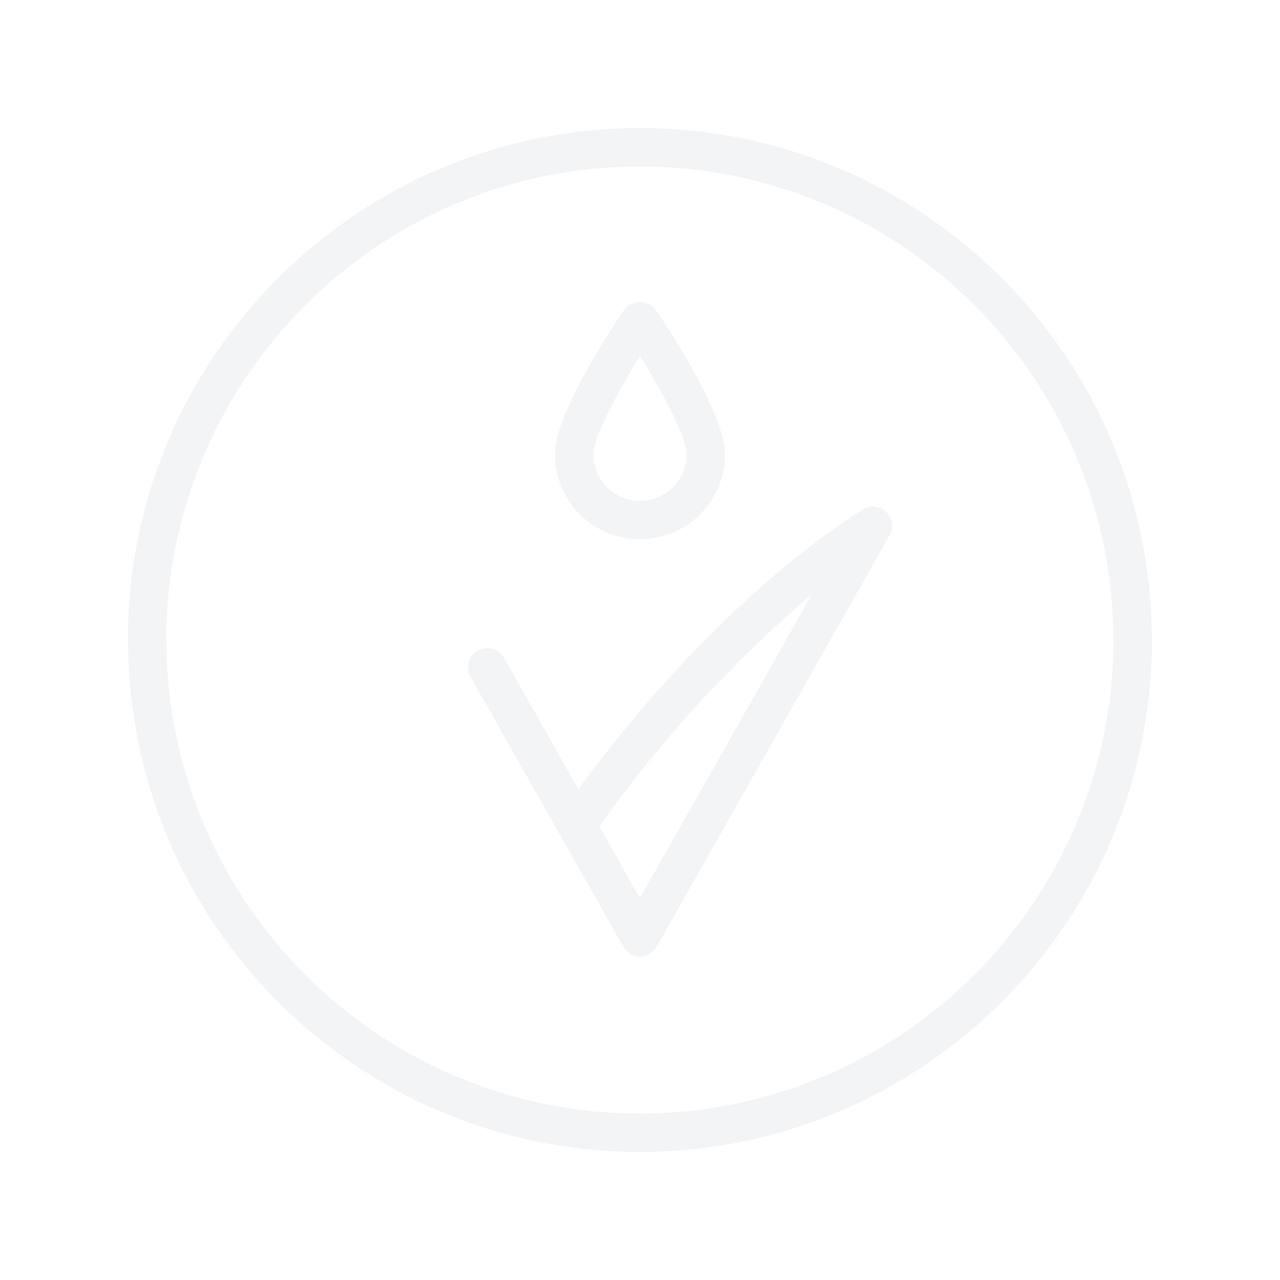 MIZON Enjoy Vital-Up Time Calming Mask 25ml